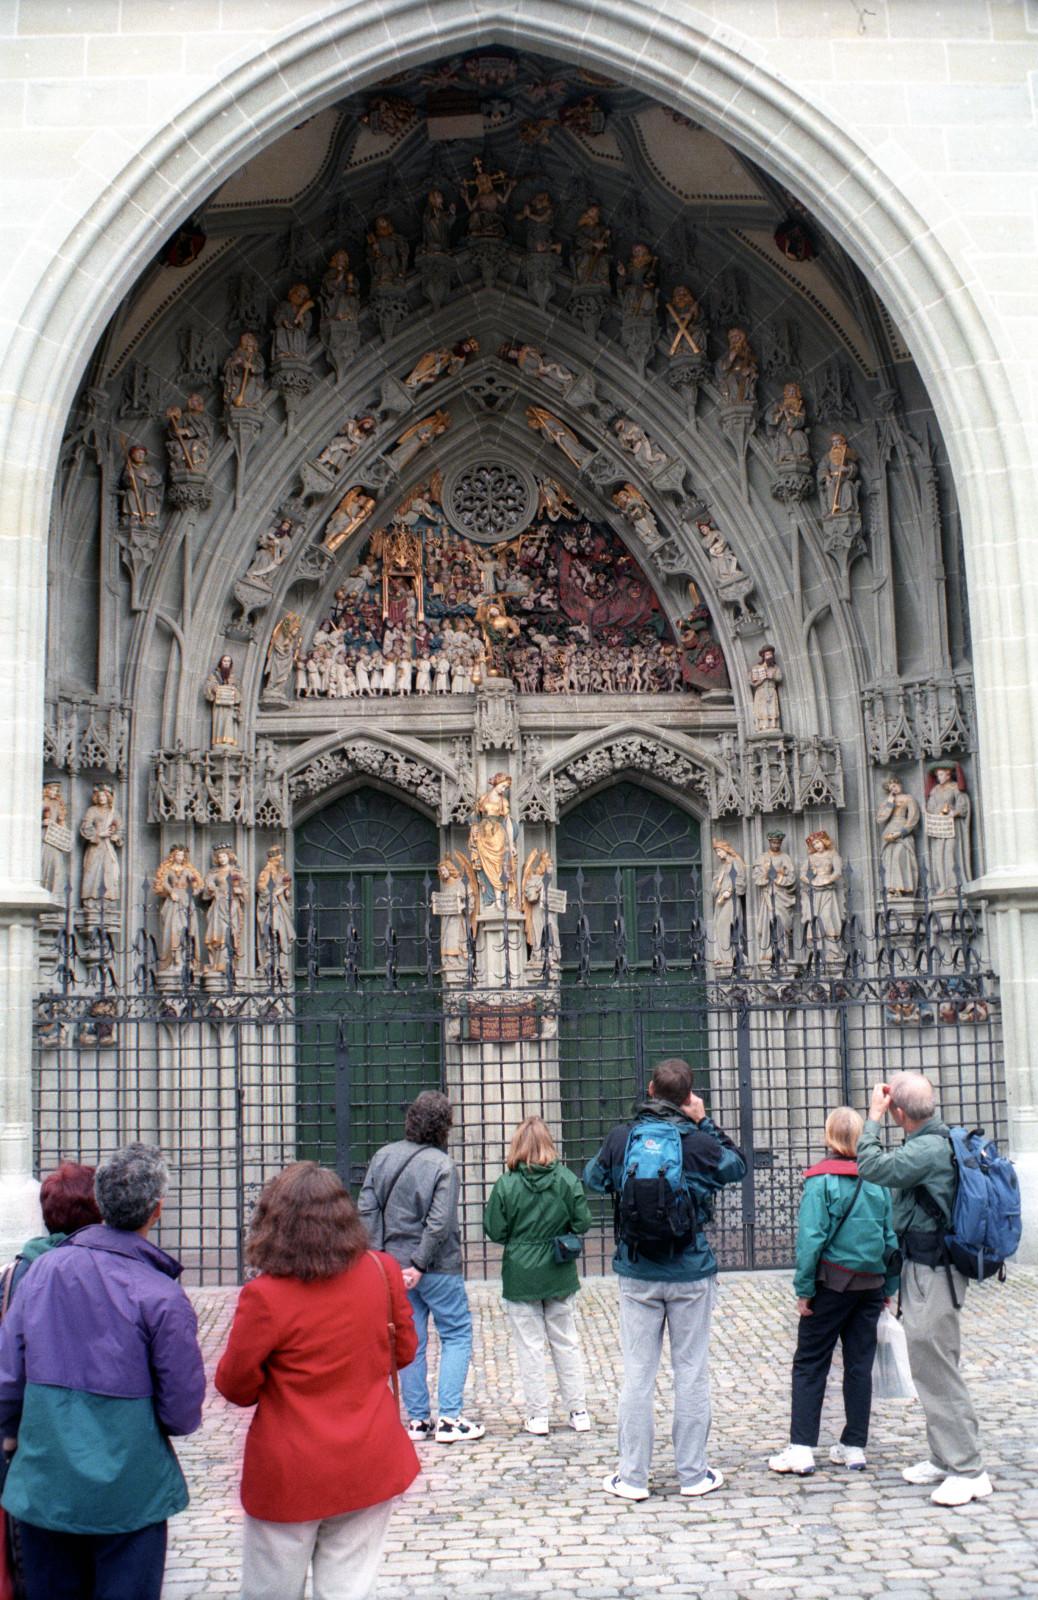 Portal of Berne Munster